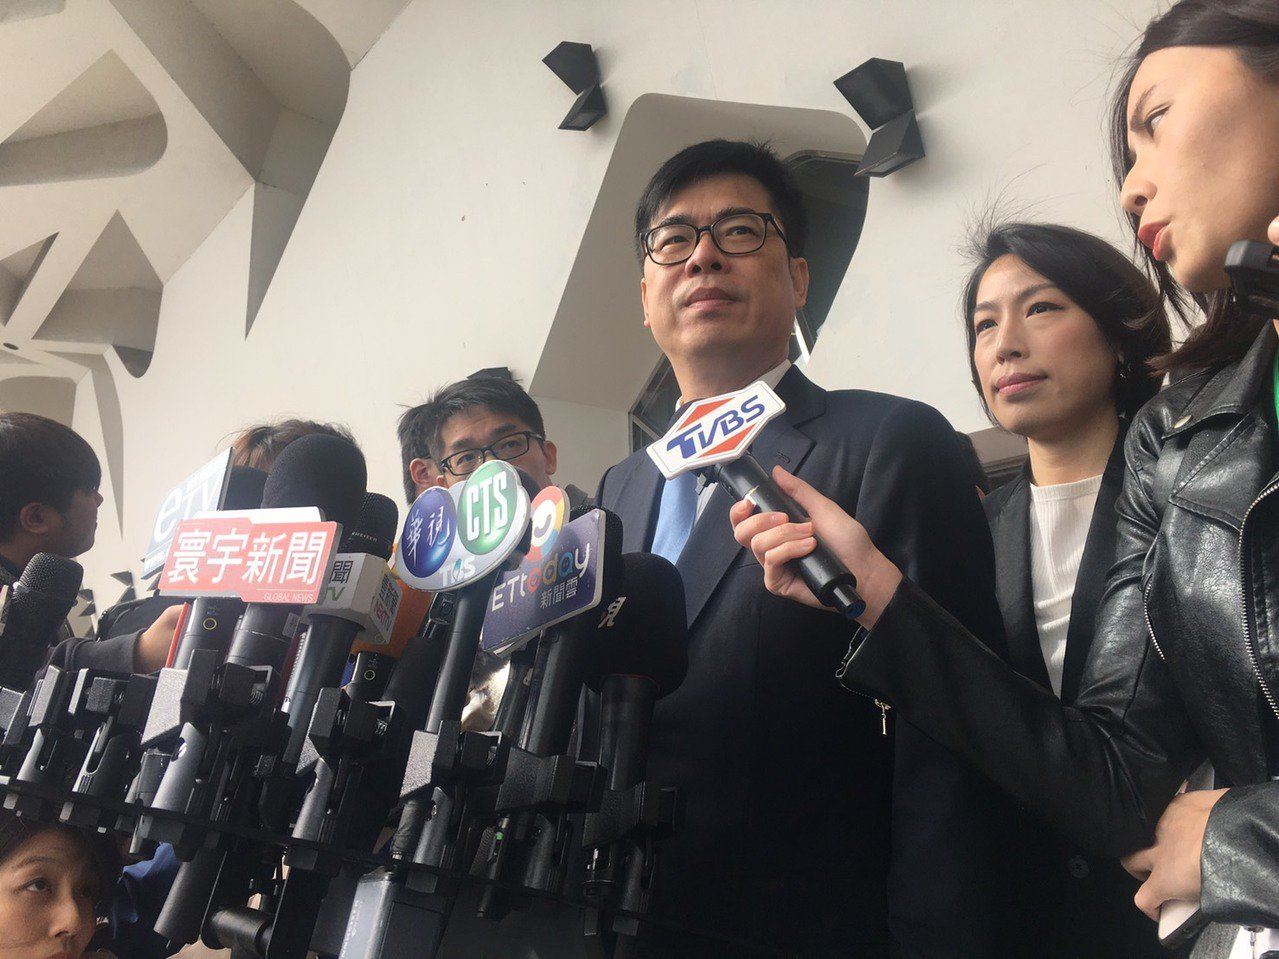 行政院副院長陳其邁上午參加2019Meet Taipei創新創業嘉年華,會前接受...